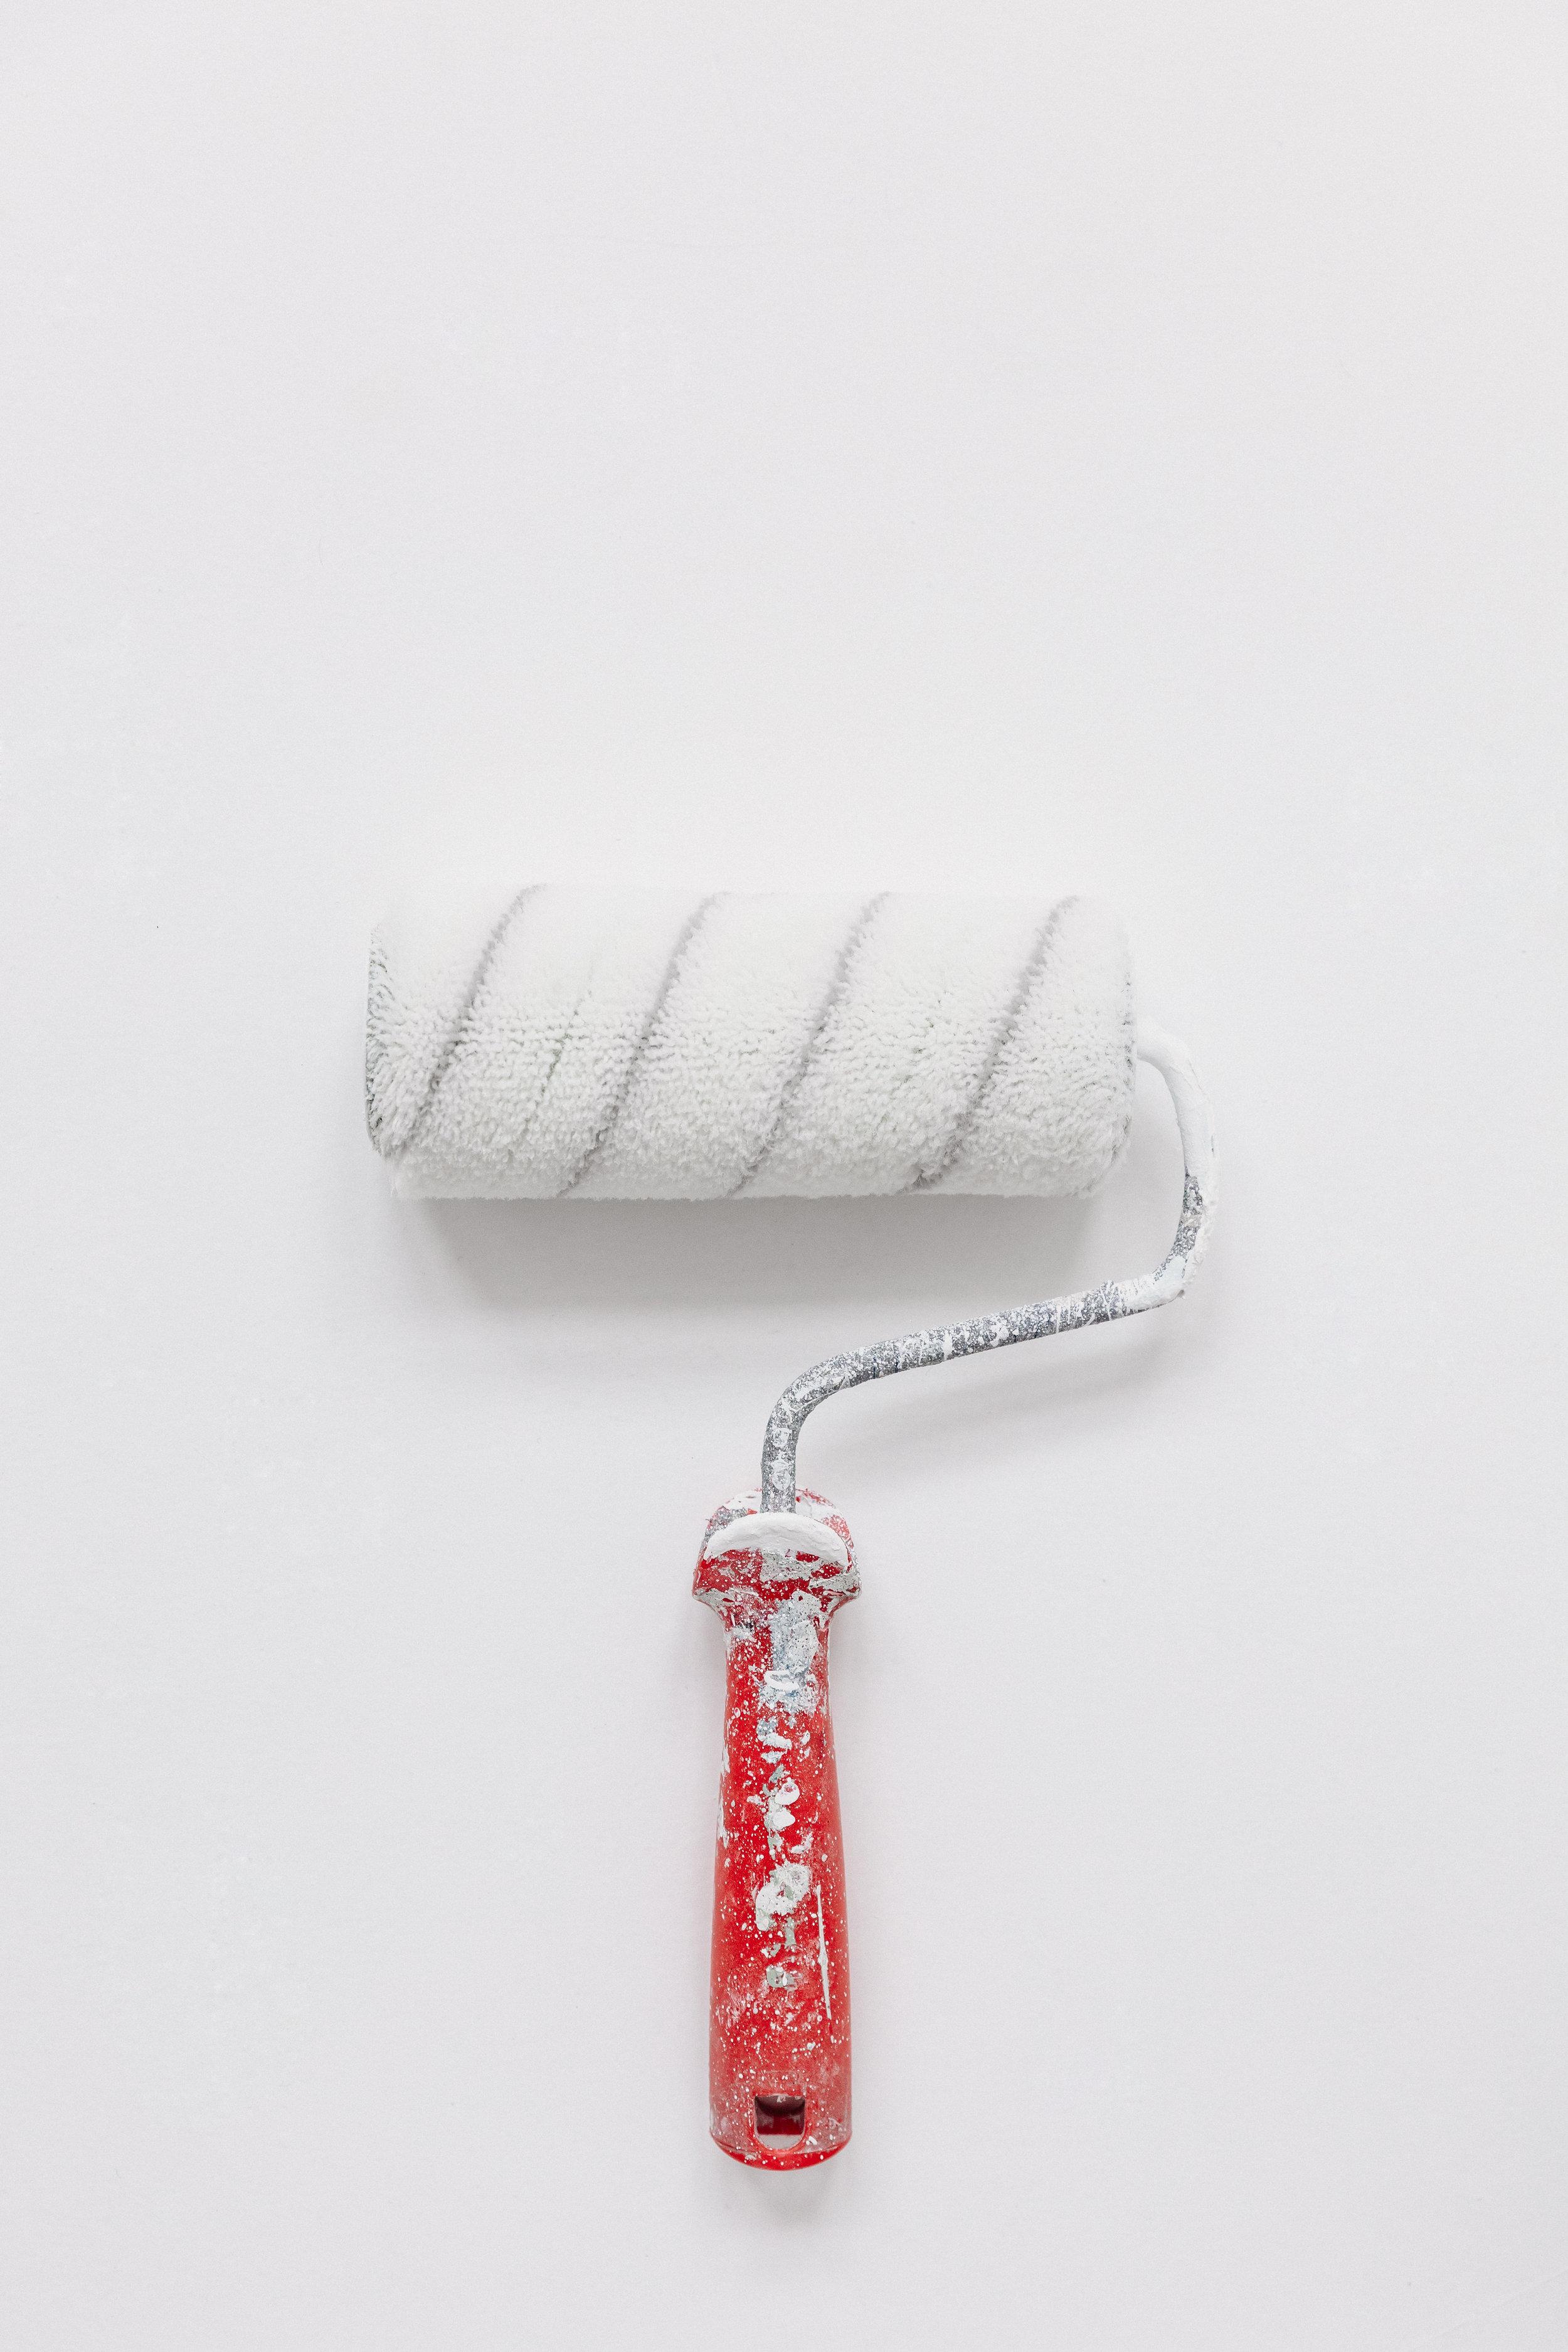 Haymount Homes White Paint B2 brush